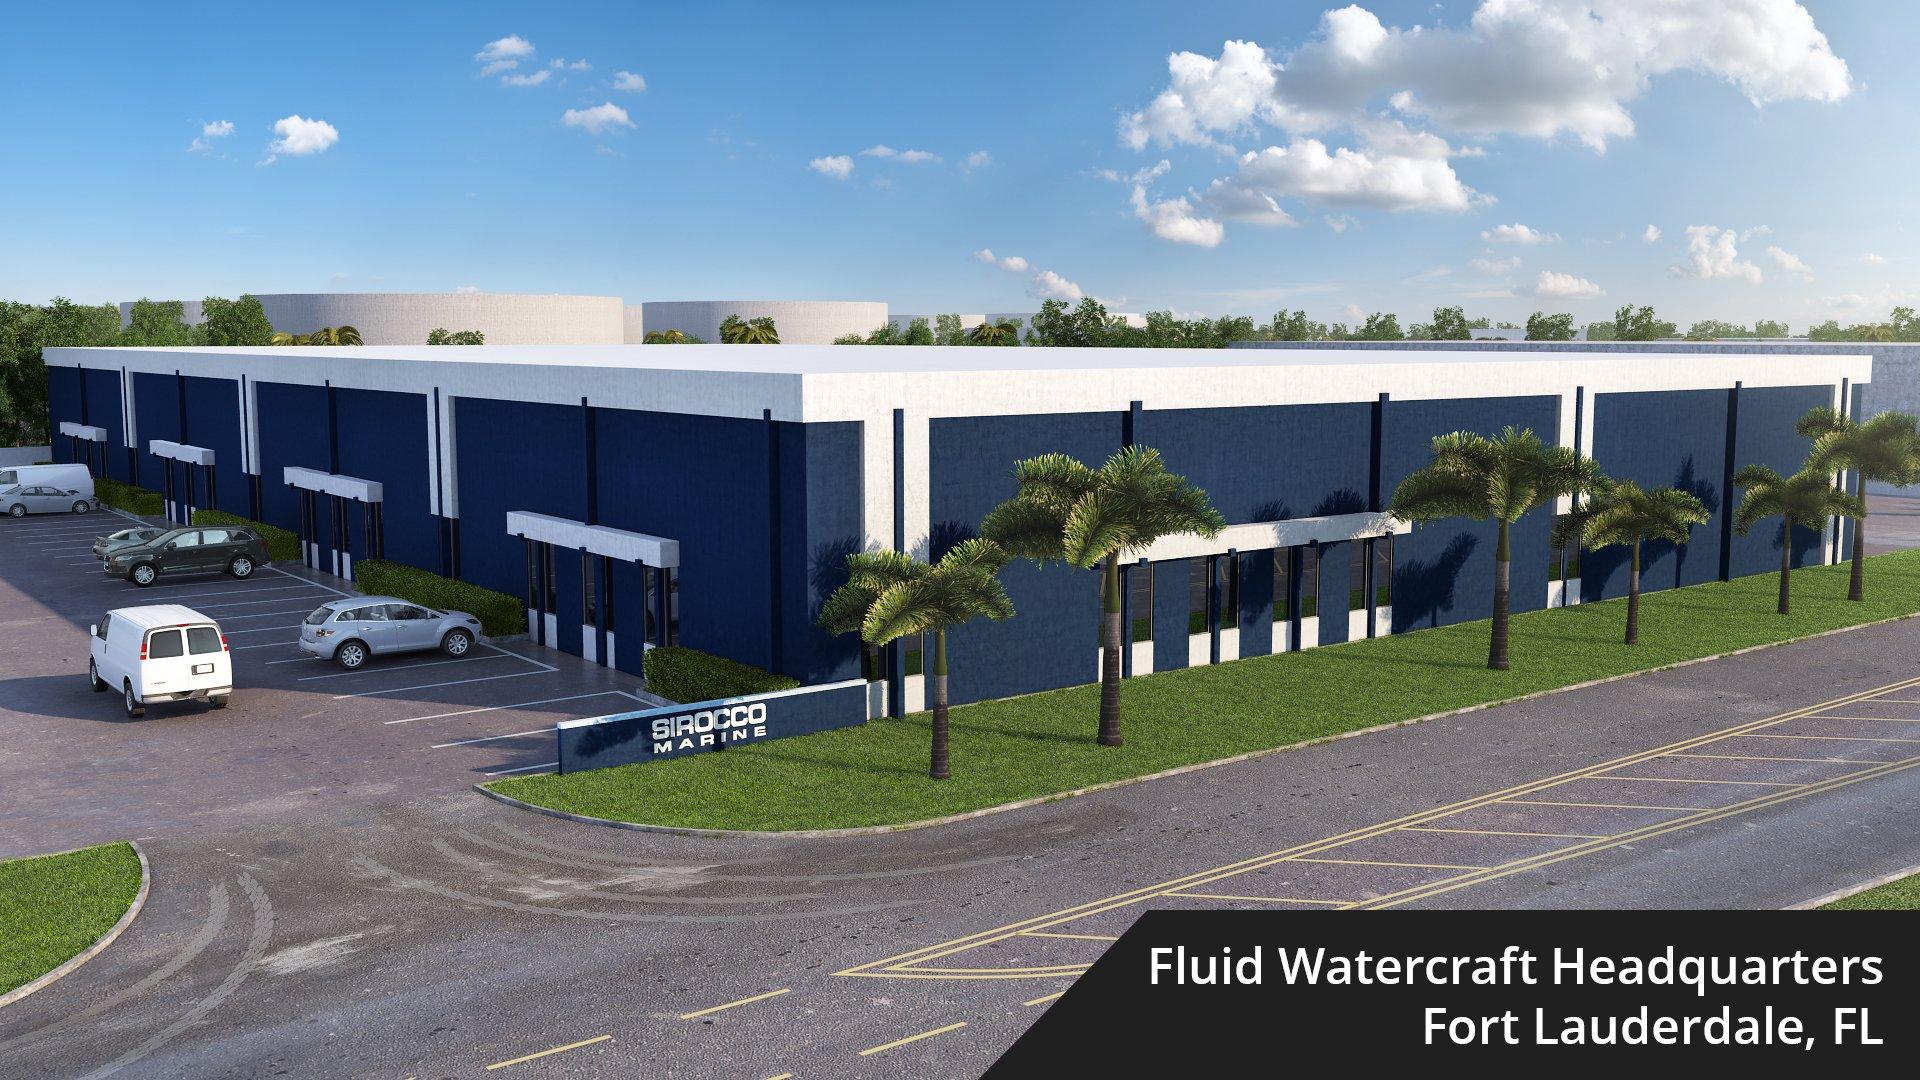 Fluid Watercraft HQ in Fort Lauderdale, FL